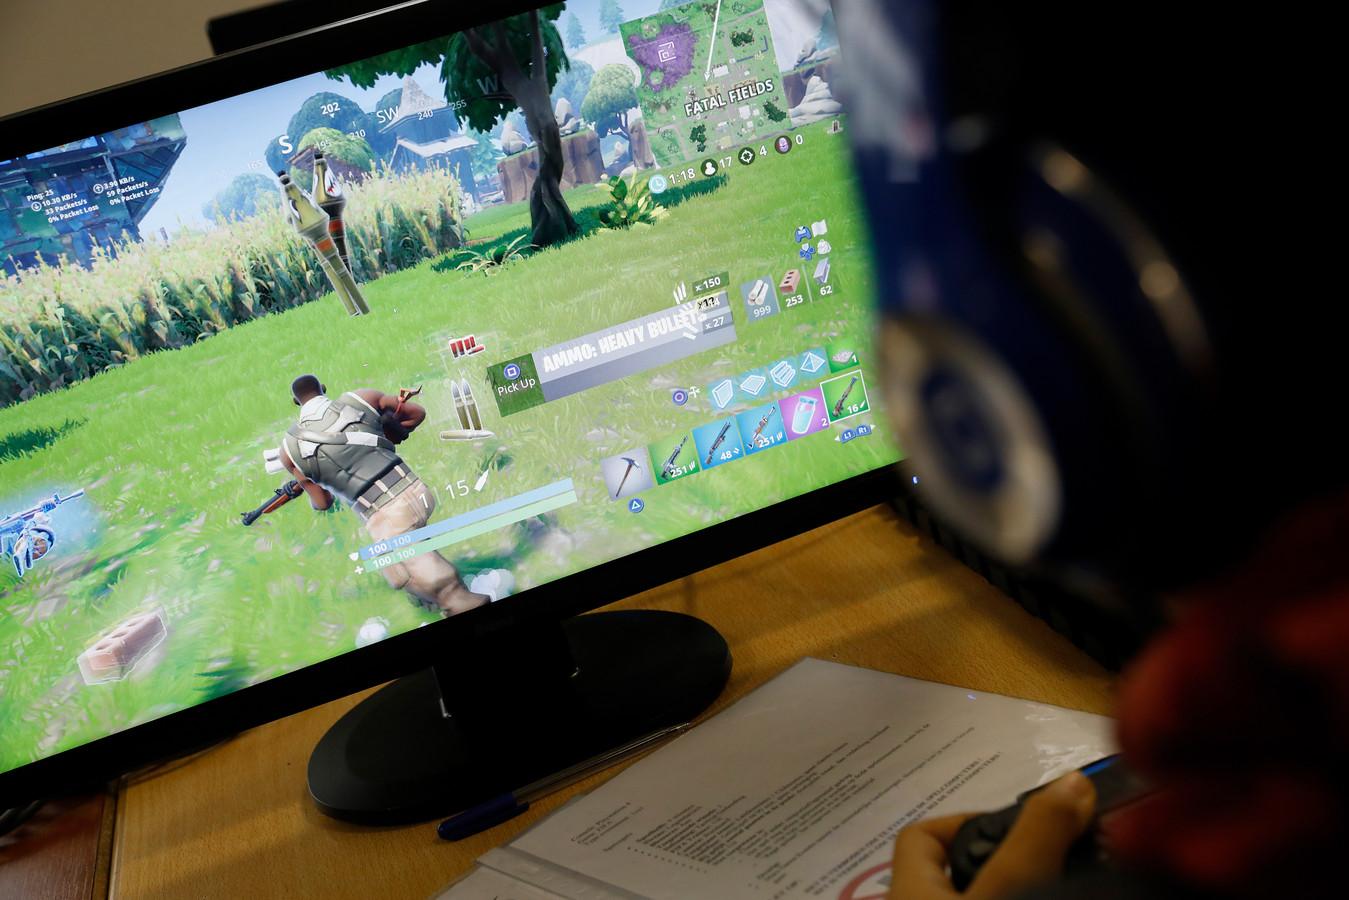 Bekende YouTubers als OMGitsTiesto, Ronald en Paraduze doen mee aan de Fortnite-toernooien waar Make-A-Wish-kinderen voorrang voor krijgen.